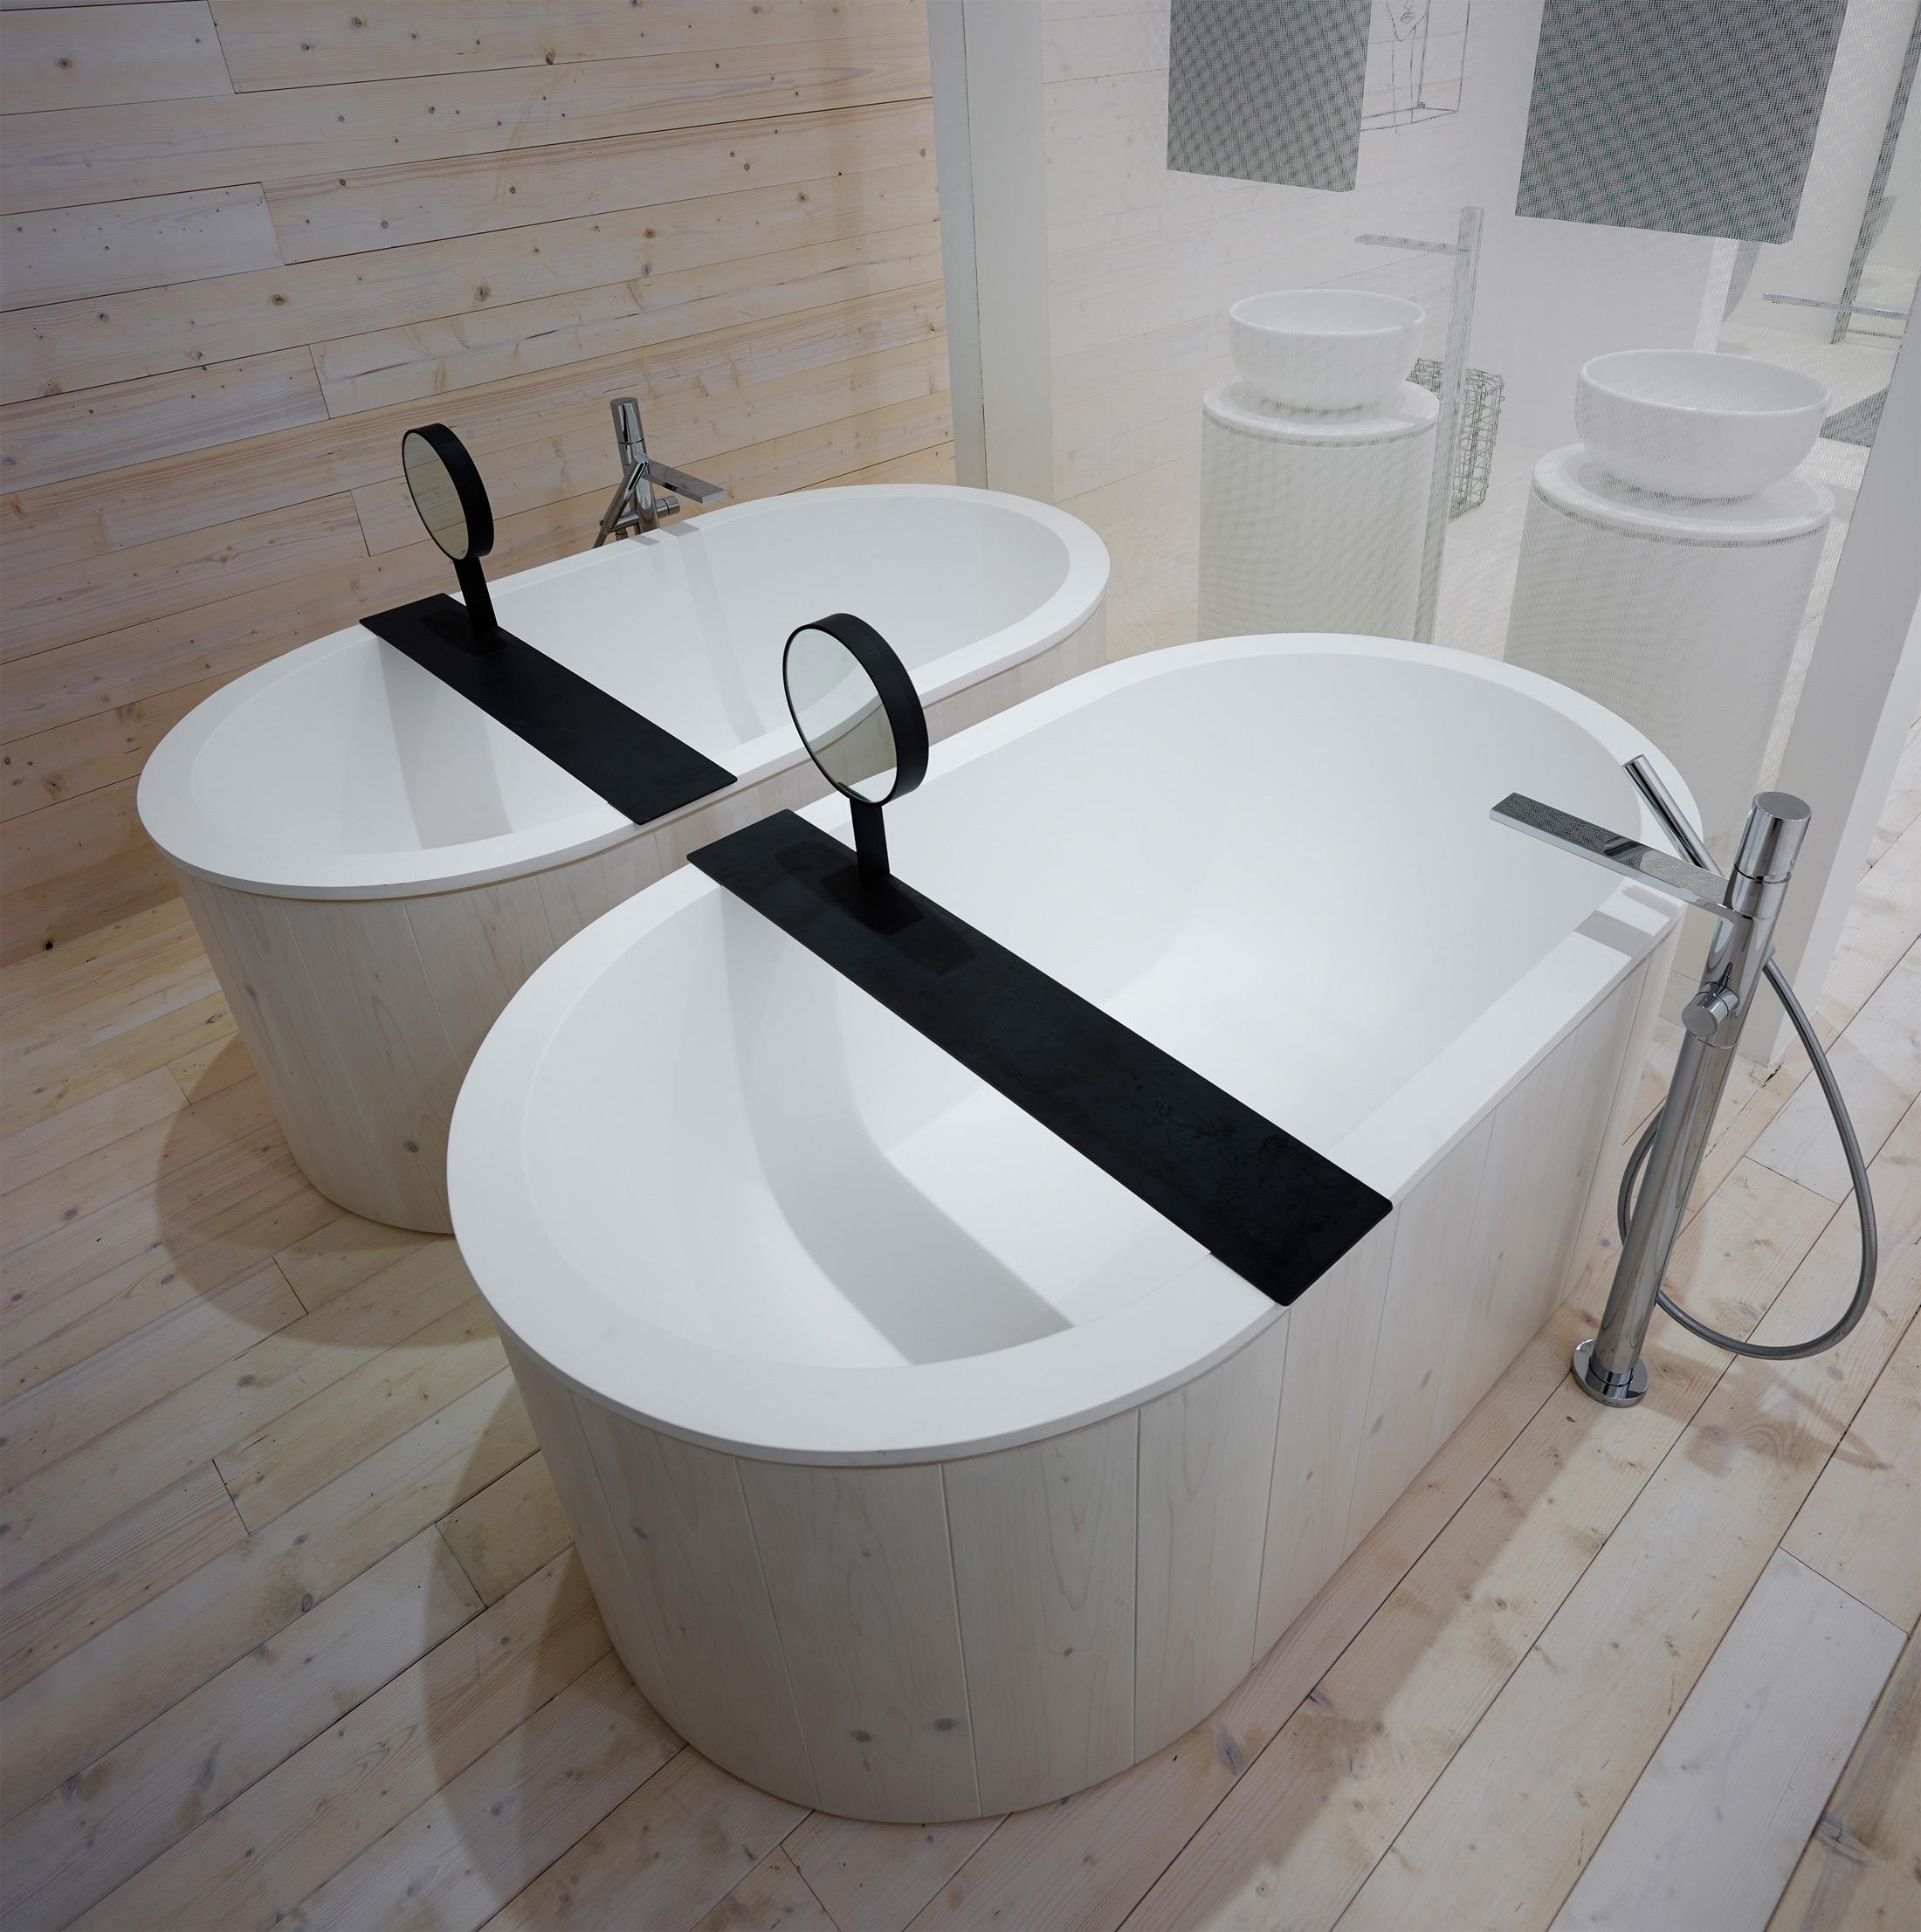 15 vasche da bagno piccole foto living corriere - Dimensioni vasche da bagno piccole ...